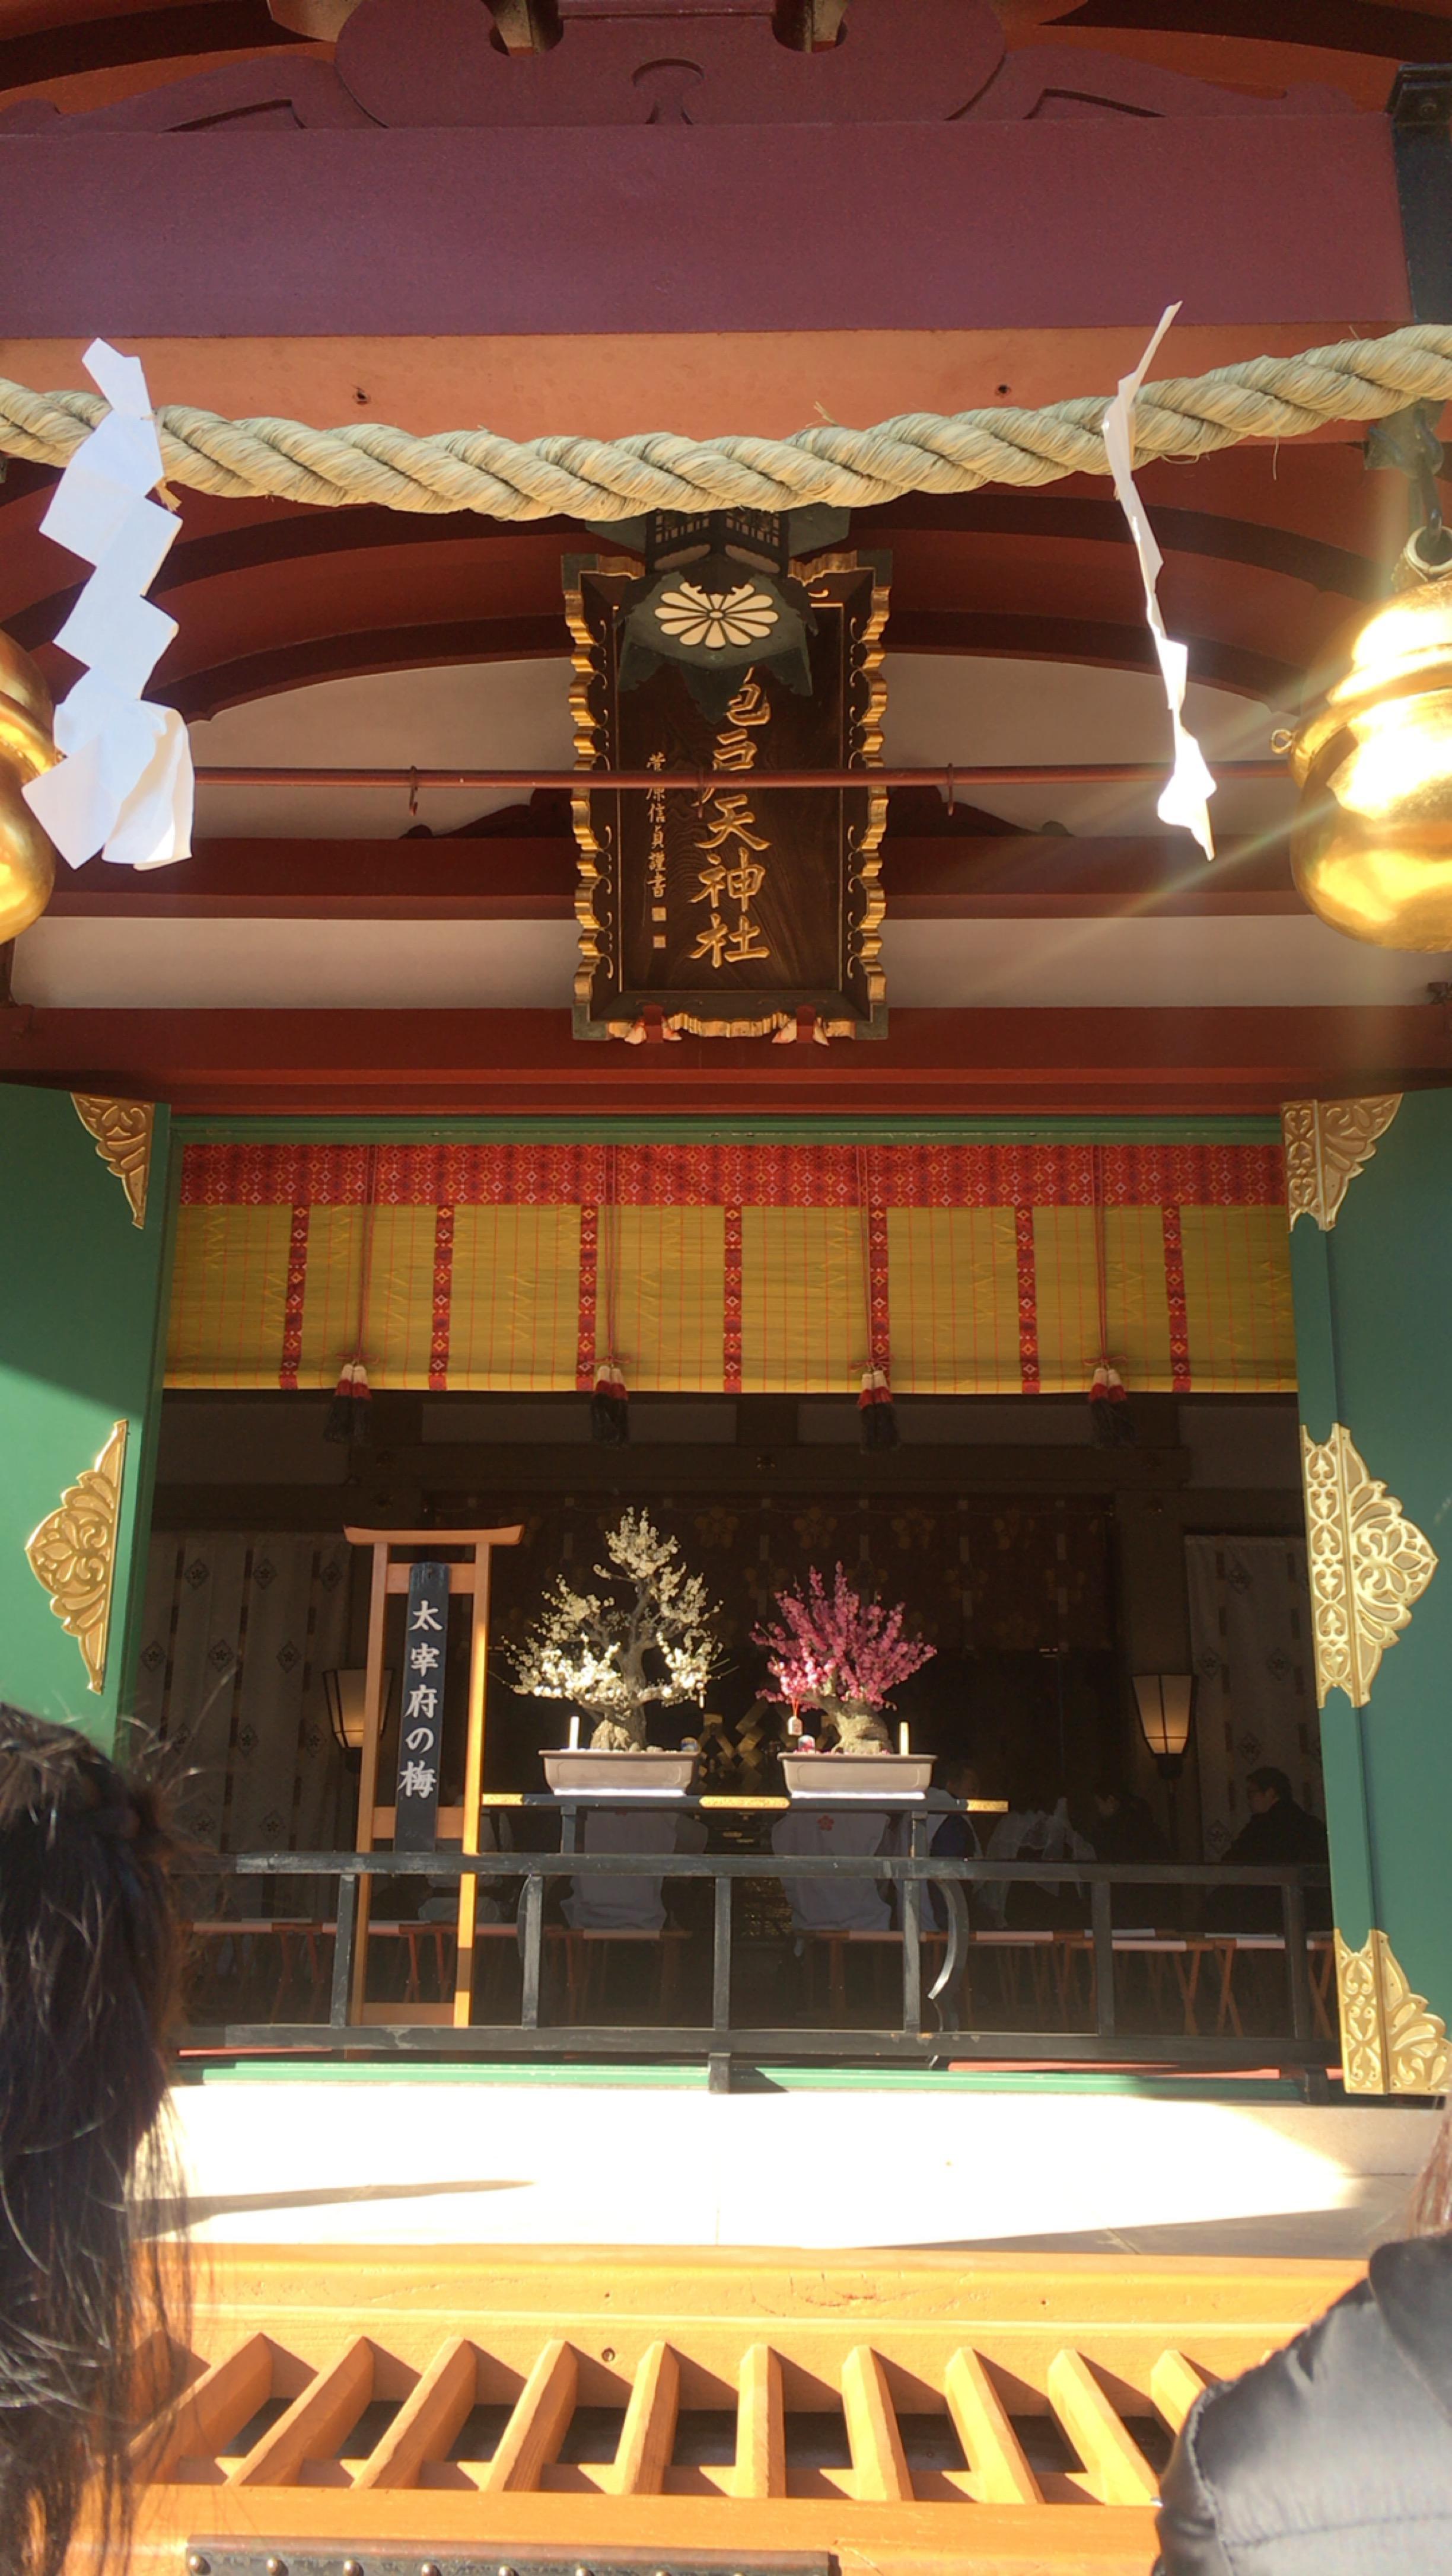 亀戸天神社の境内・文化財